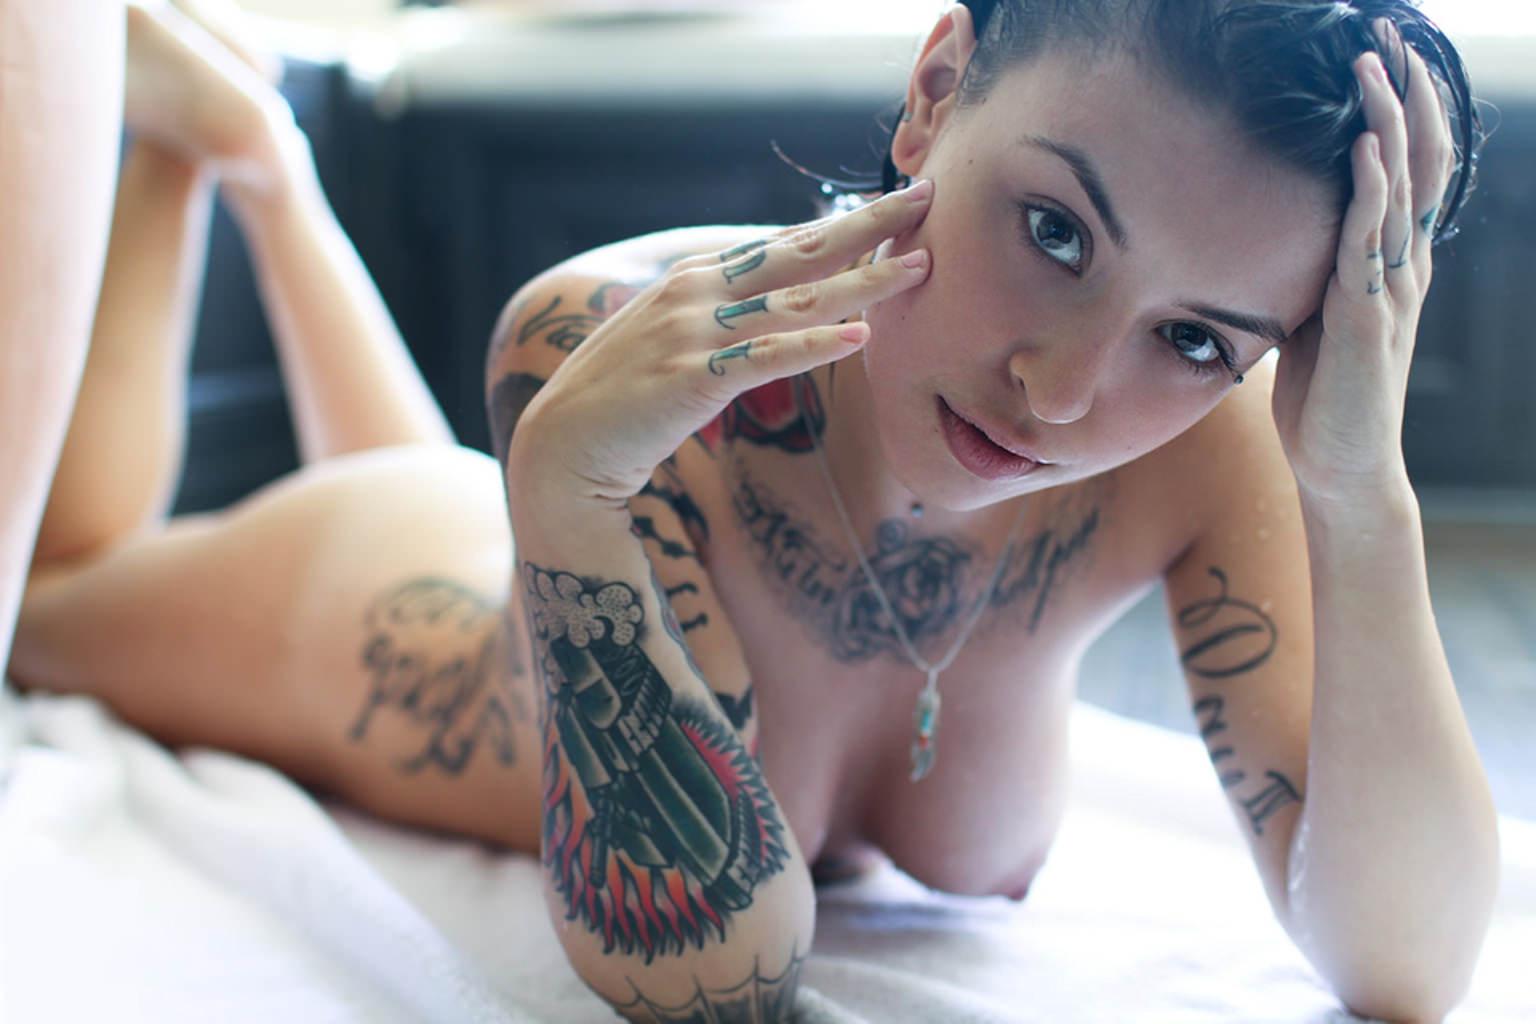 (タトゥー)えろチックでエキゾチックな外国人女性のタトゥーぬーど